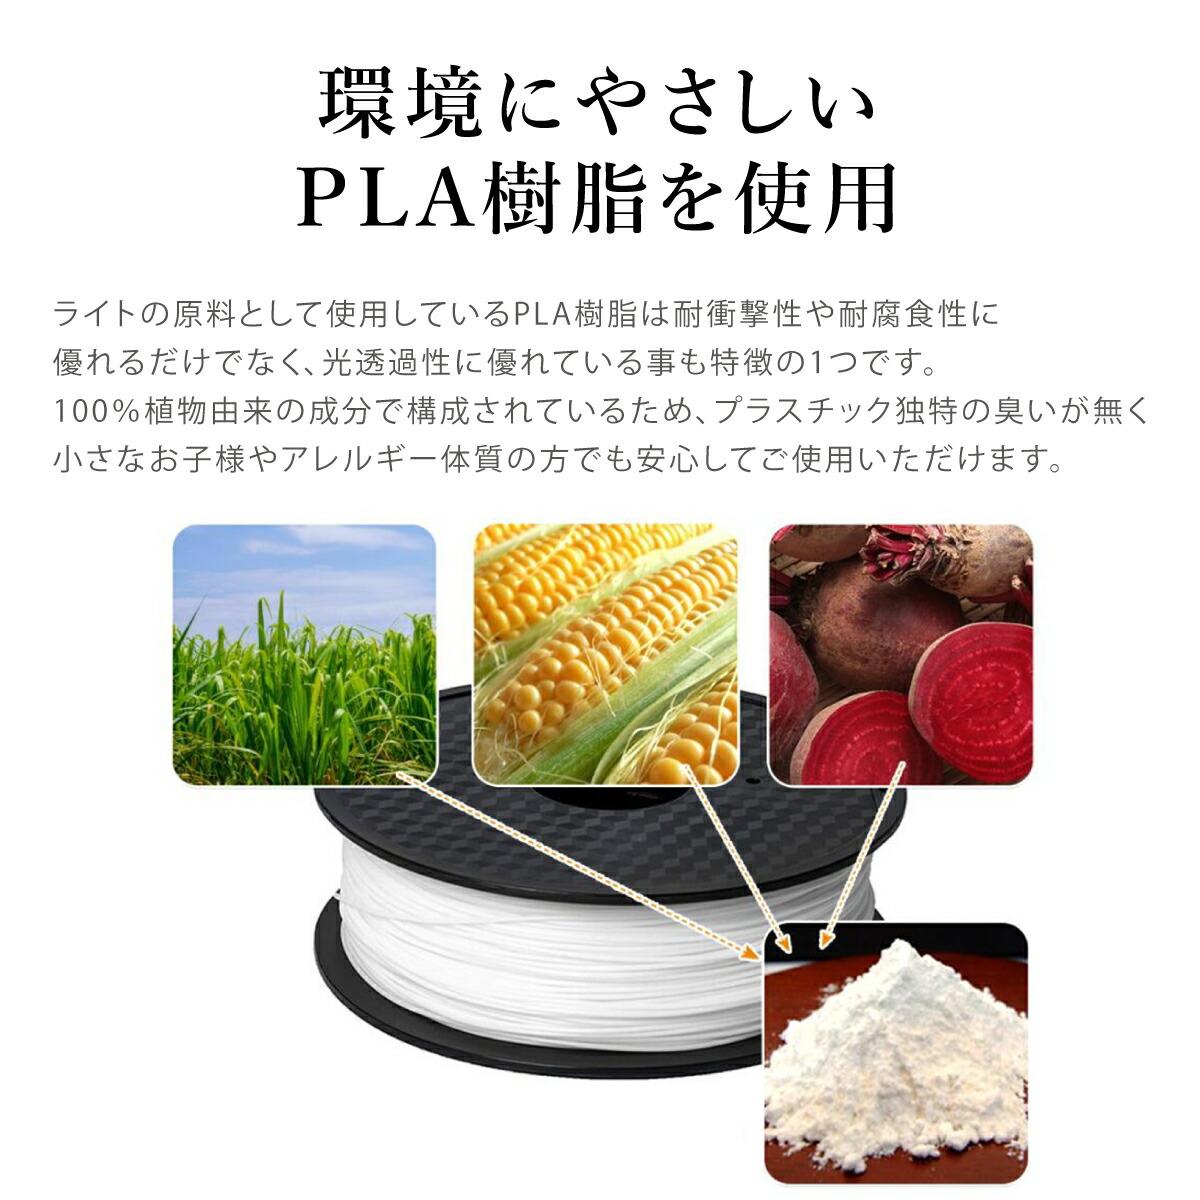 ライト本体は植物由来のPLA素材を100%使用